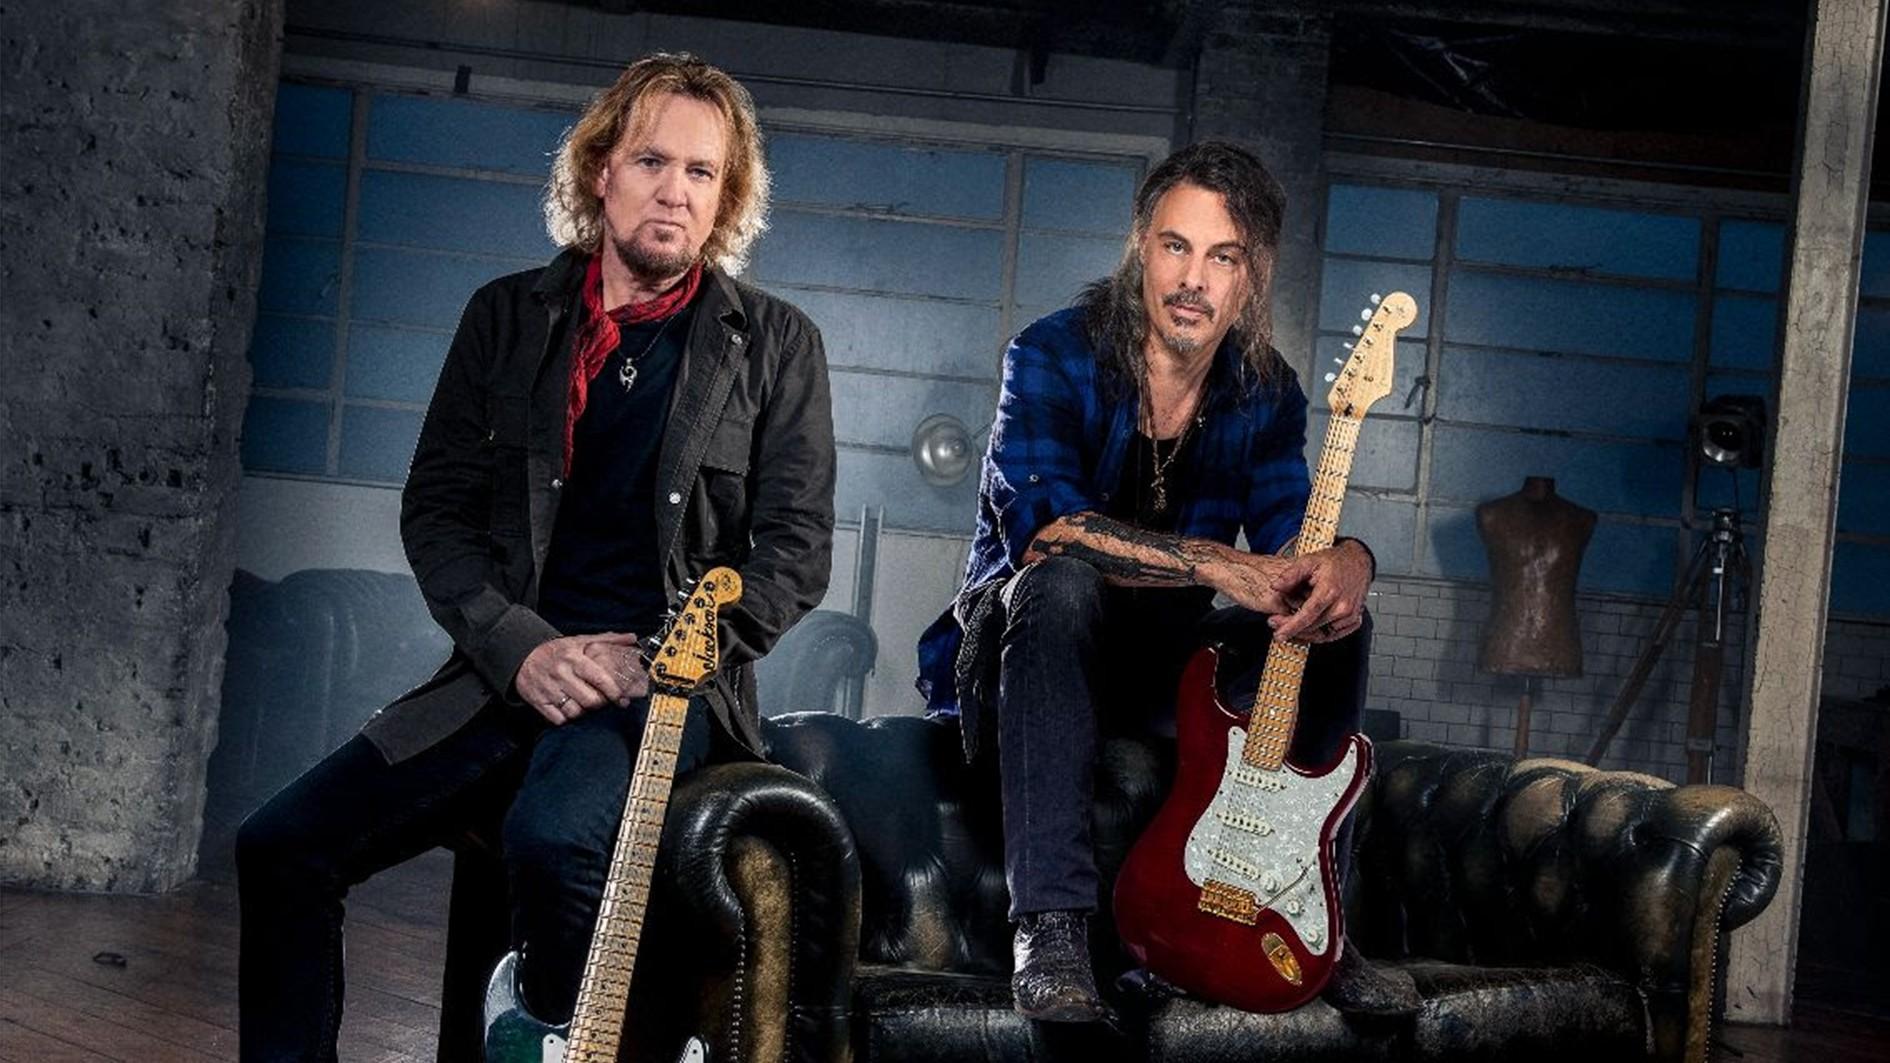 Kolaborácia dvoch gitaristov Adriana Smitha a Richie Kotzena